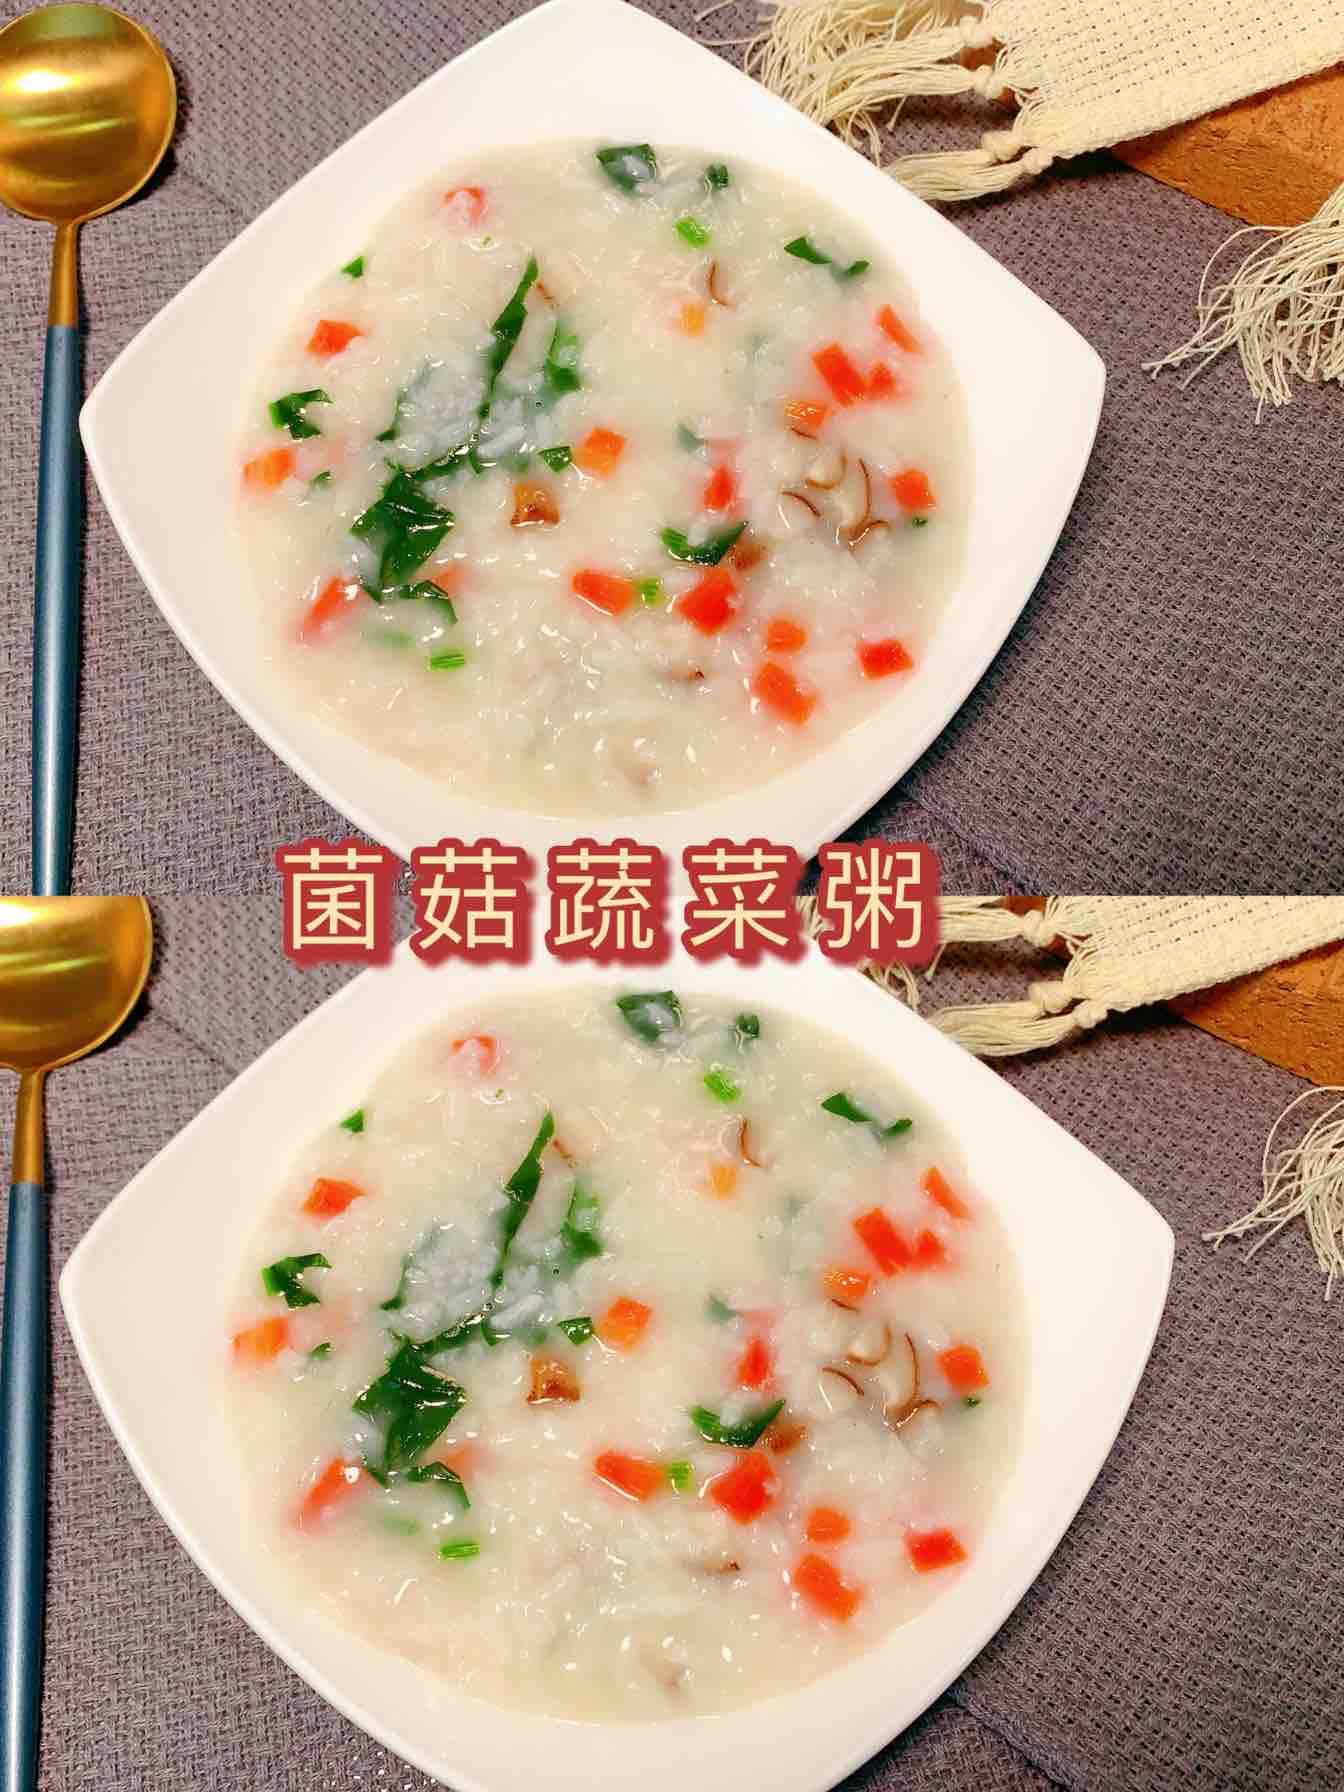 菌菇蔬菜粥